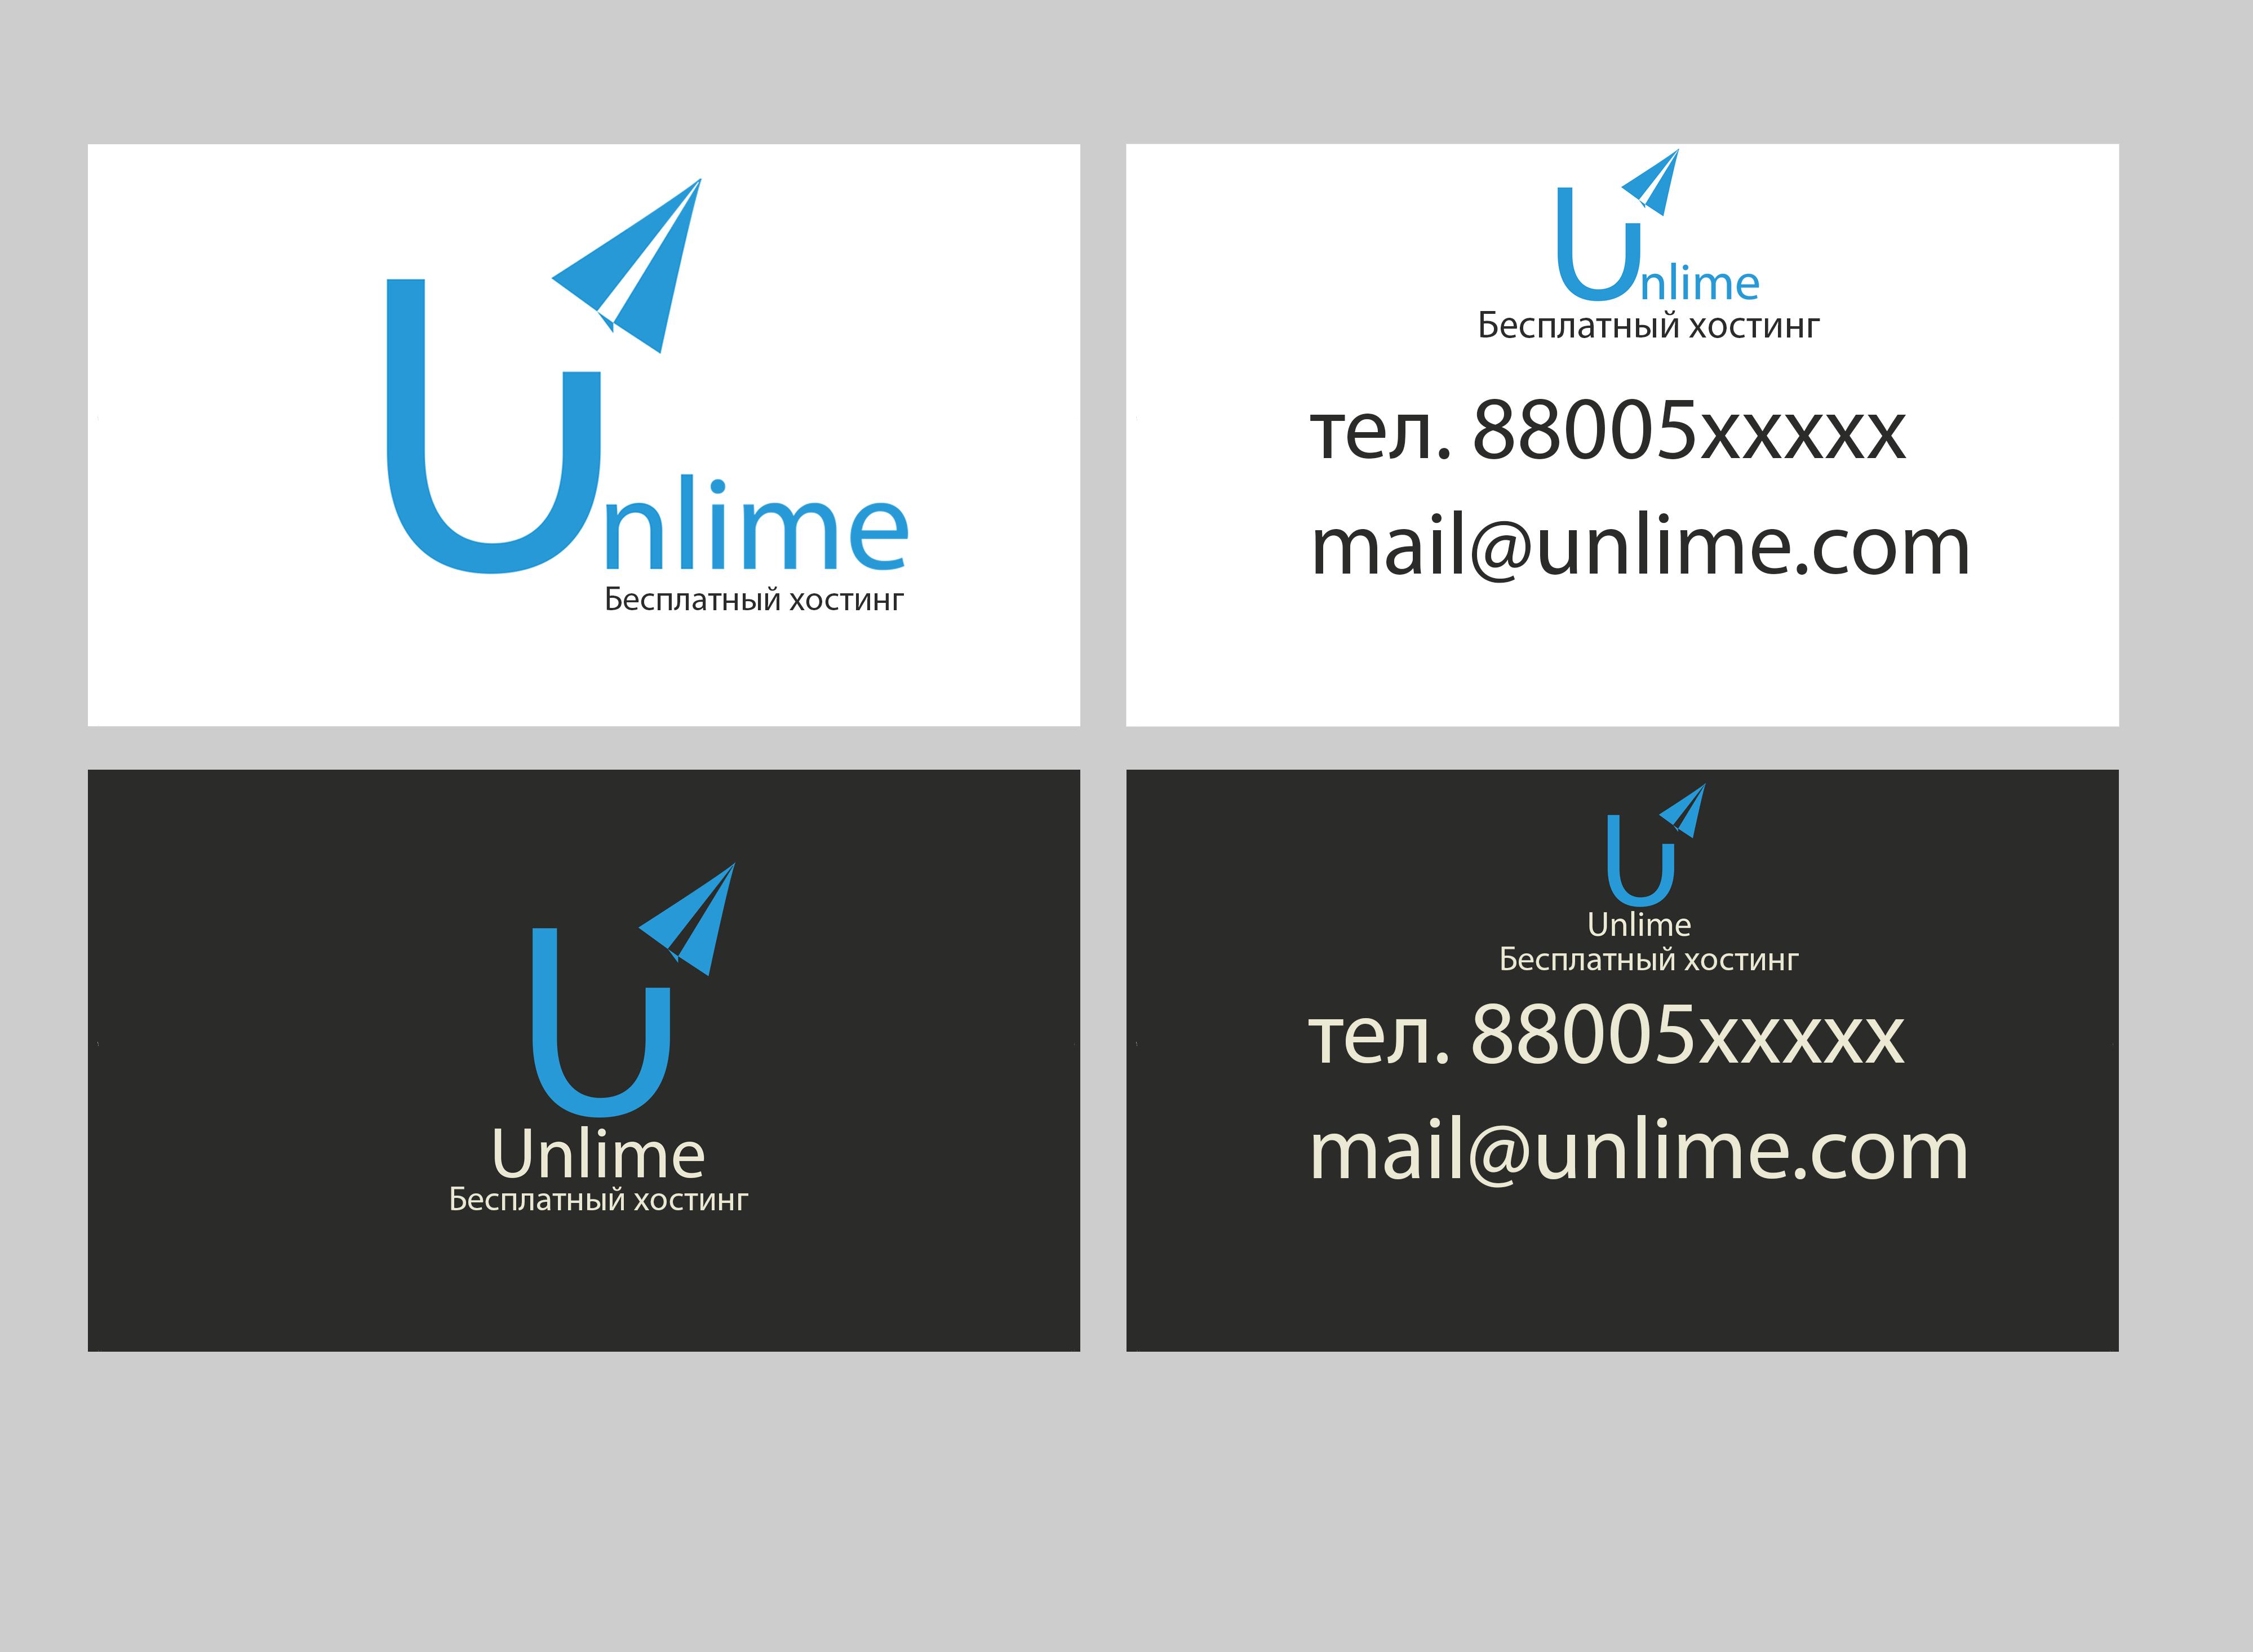 Разработка логотипа и фирменного стиля фото f_27659463ac97b850.png